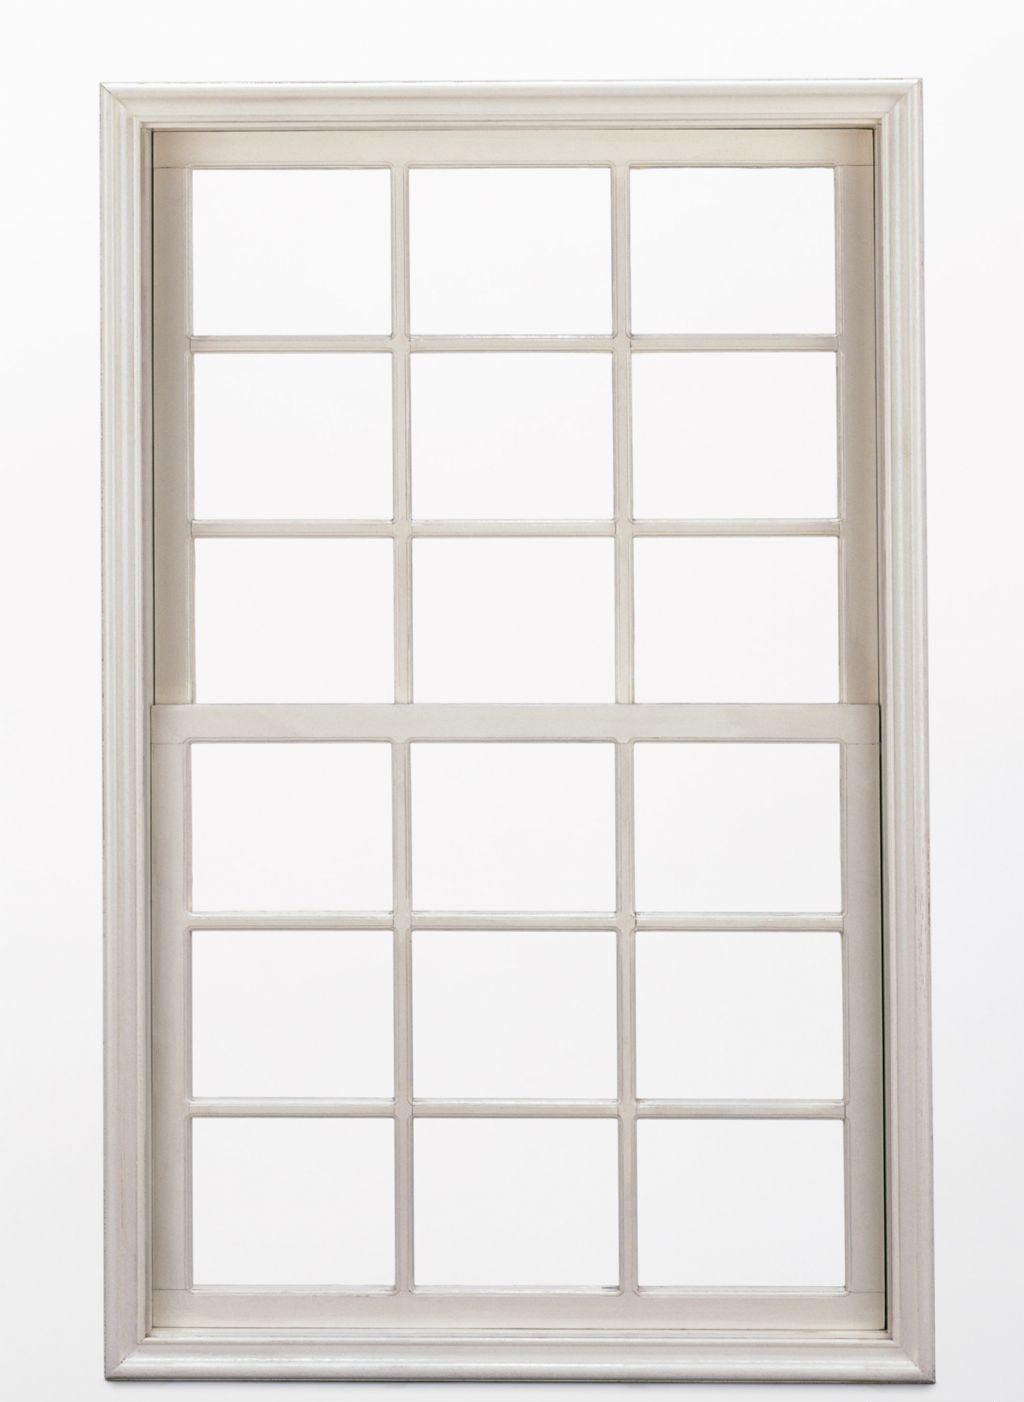 verticale en aluminium glissant la fen tre accroch e simple avec mod le de conception de bureau. Black Bedroom Furniture Sets. Home Design Ideas